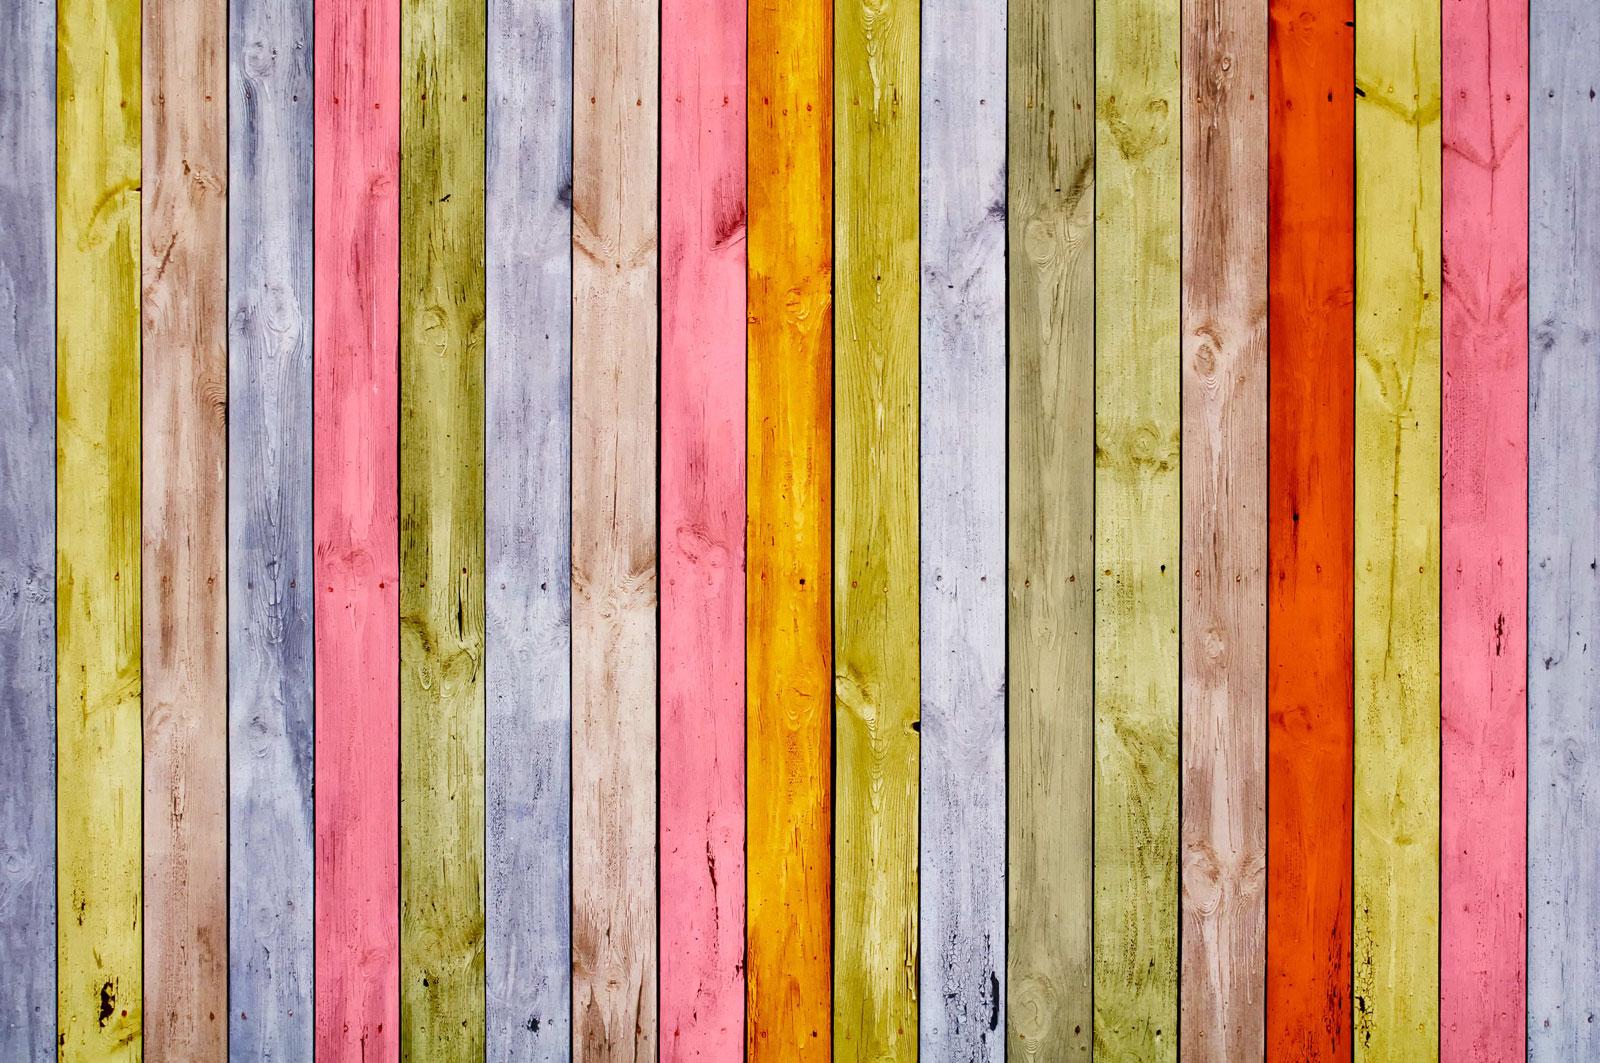 Разноцветные доски картинки